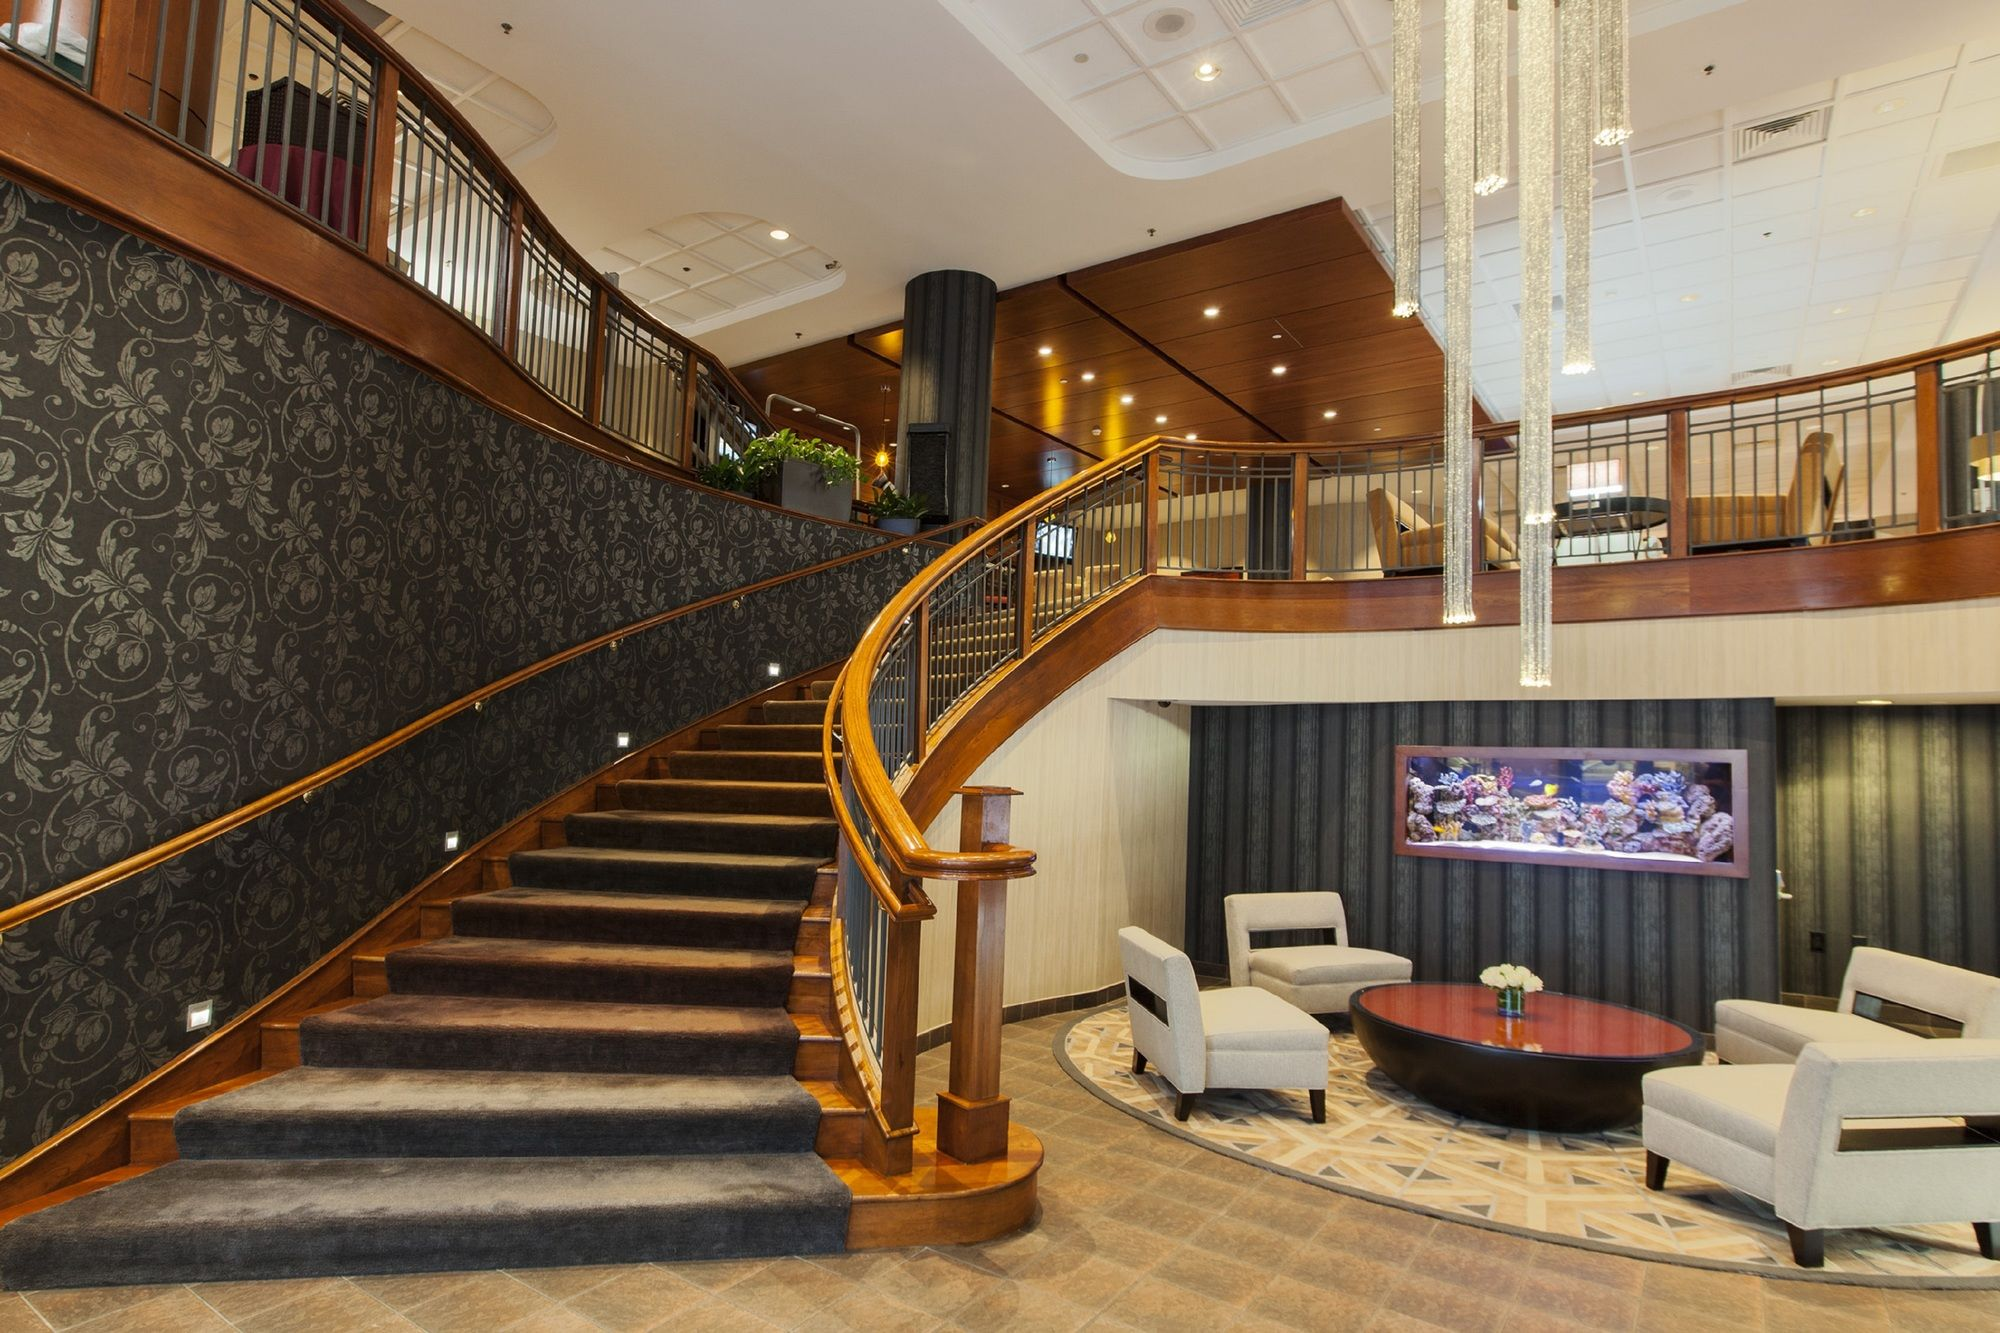 Boston Hotel Coupons For Boston Massachusetts